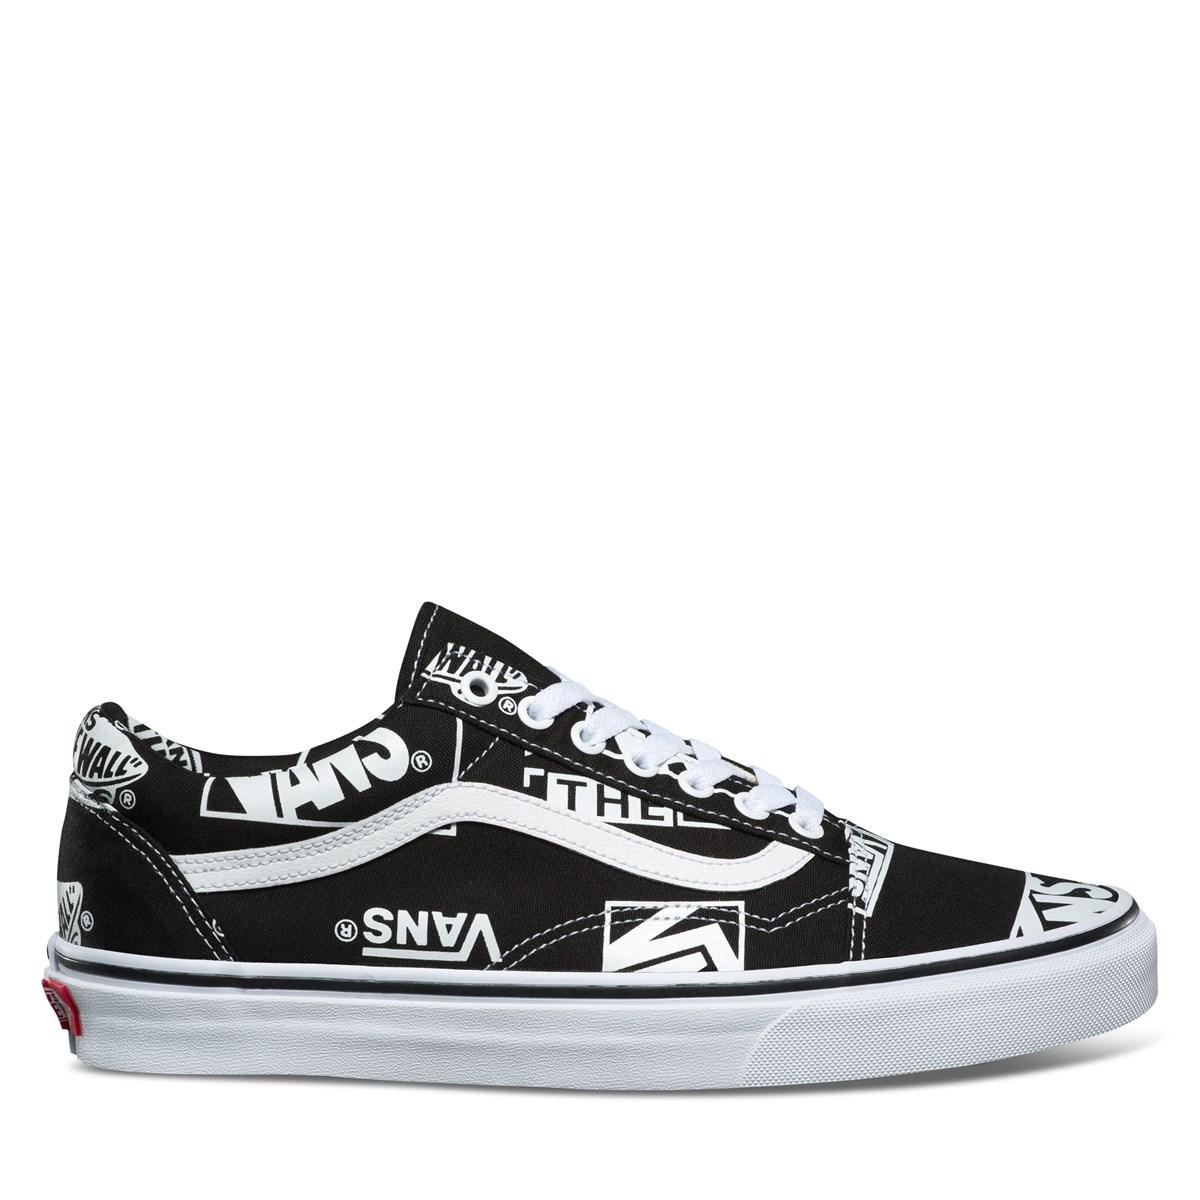 Men's Old Skool Sneakers in Black